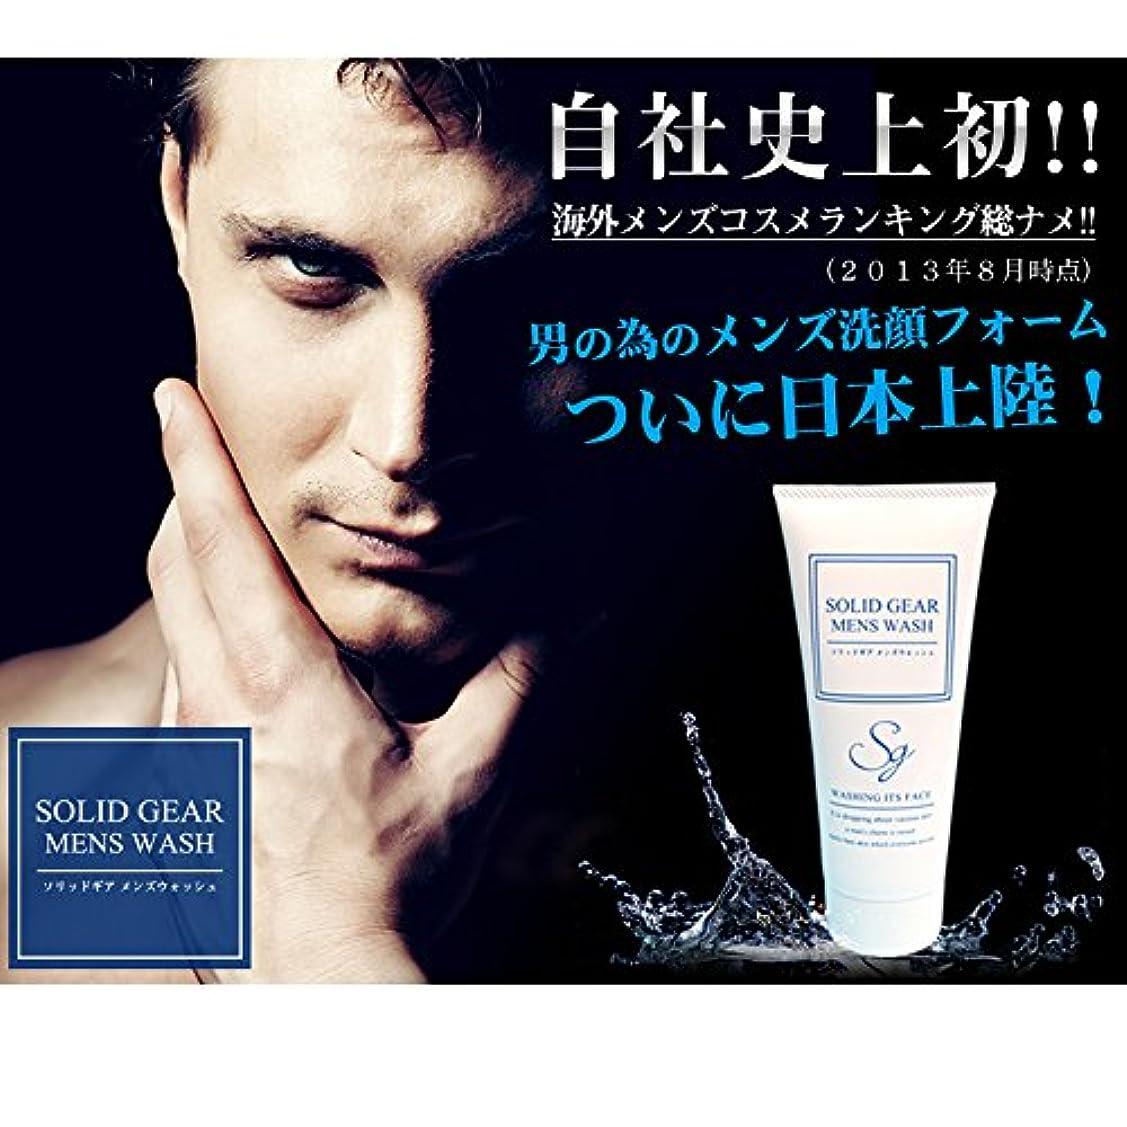 リスキーな今晩数男性用洗顔フォーム ソリッドギア メンズウォッシュ